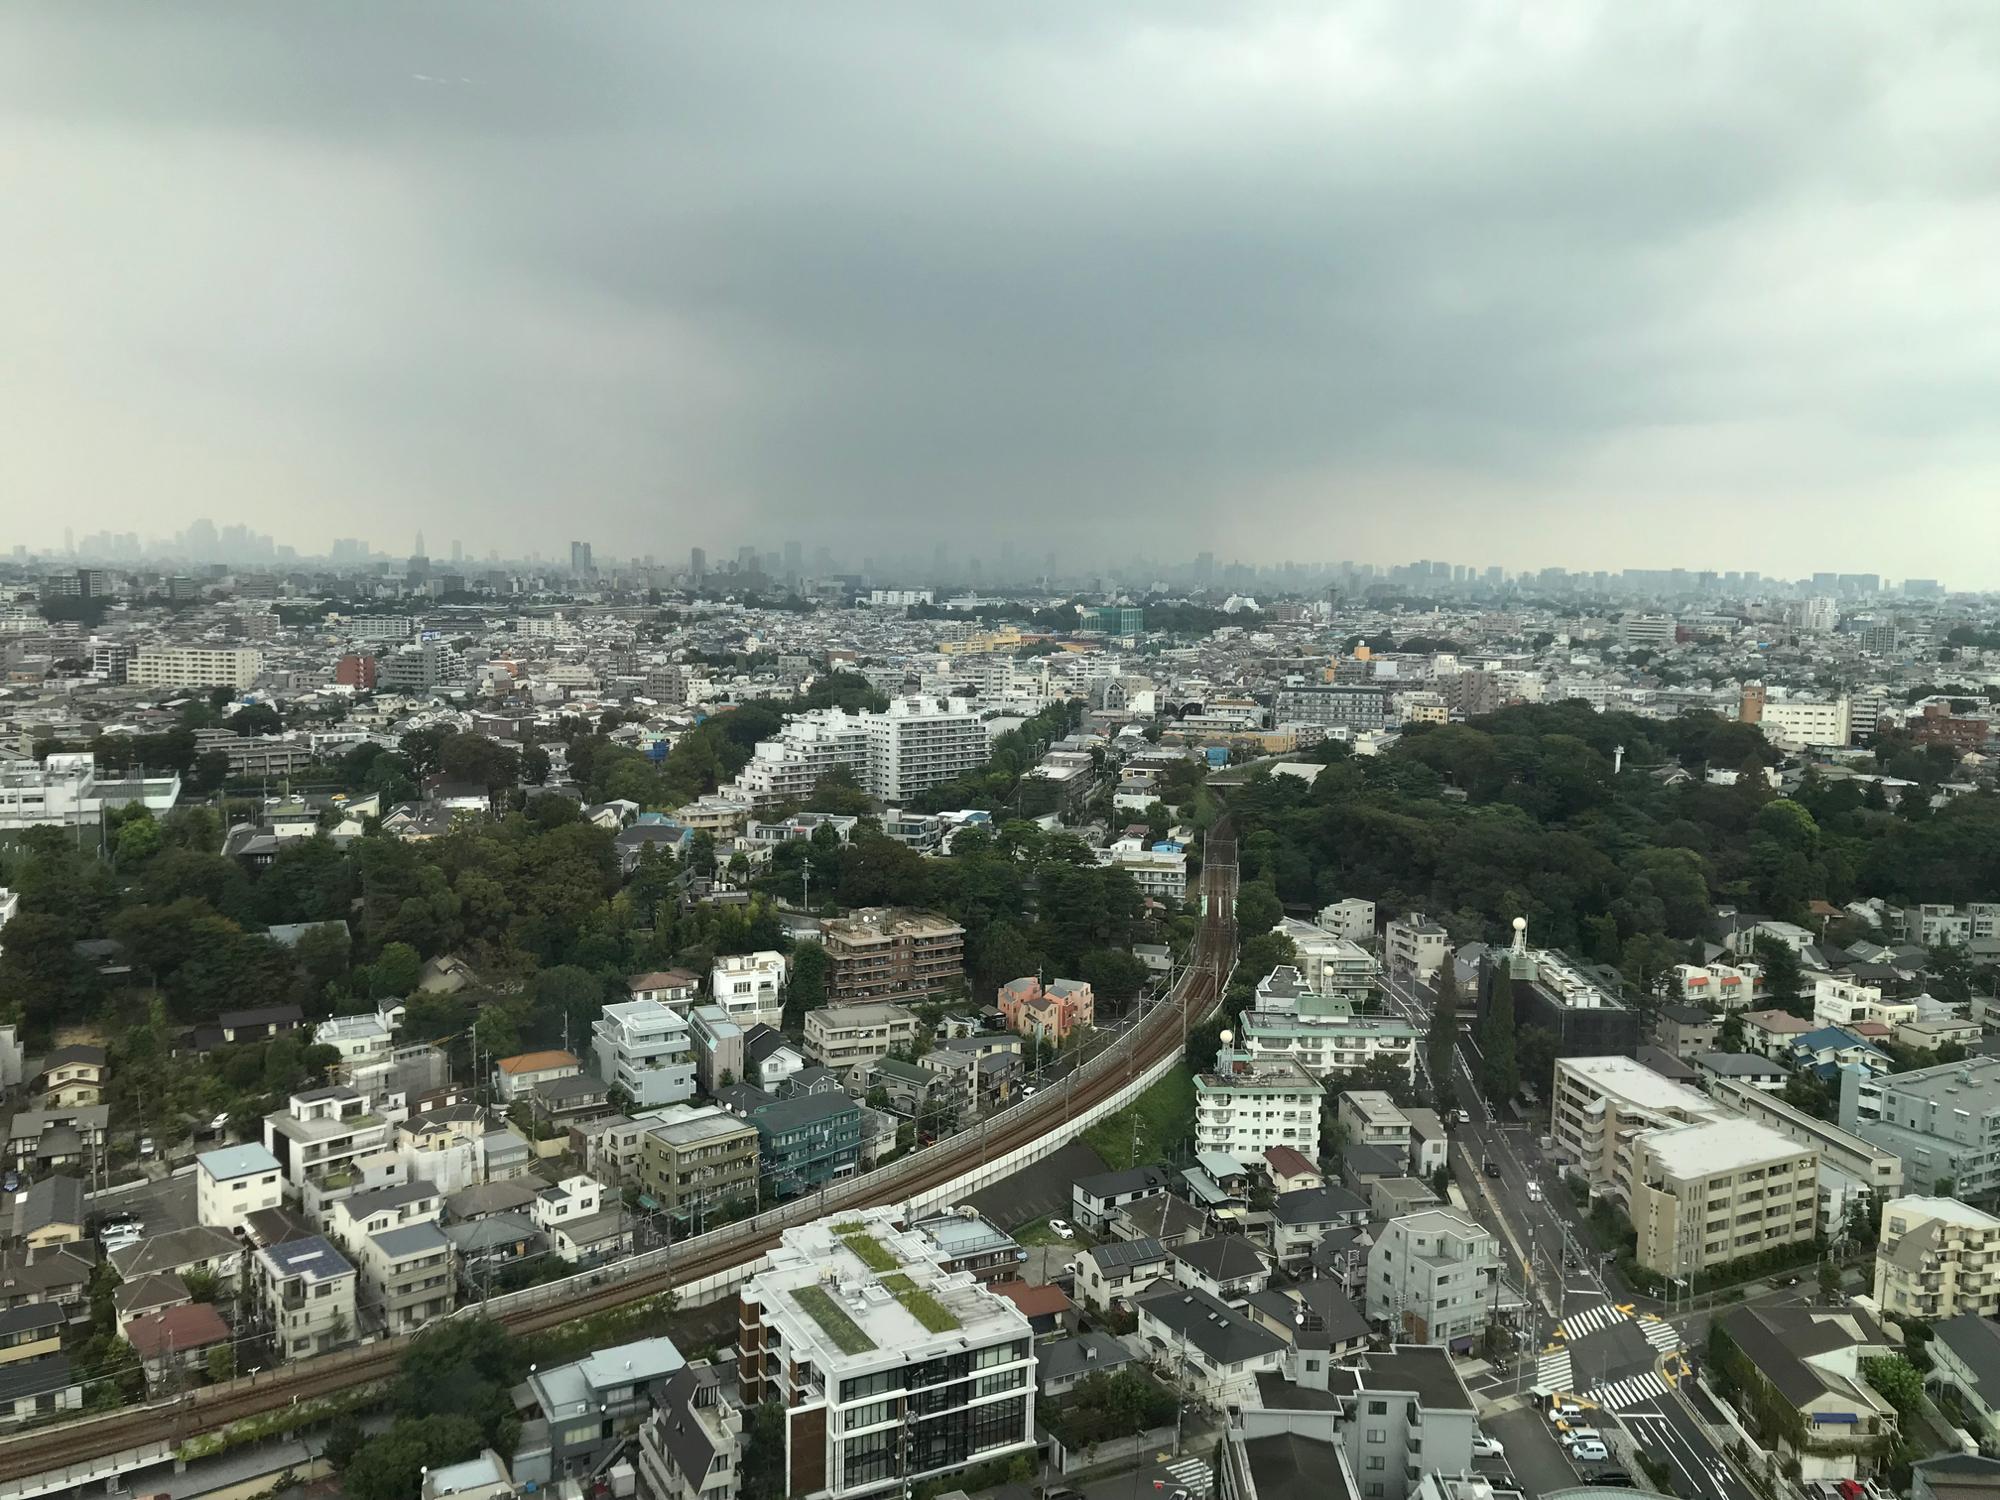 22階から新宿方面を展望。雨が降っているのかも。